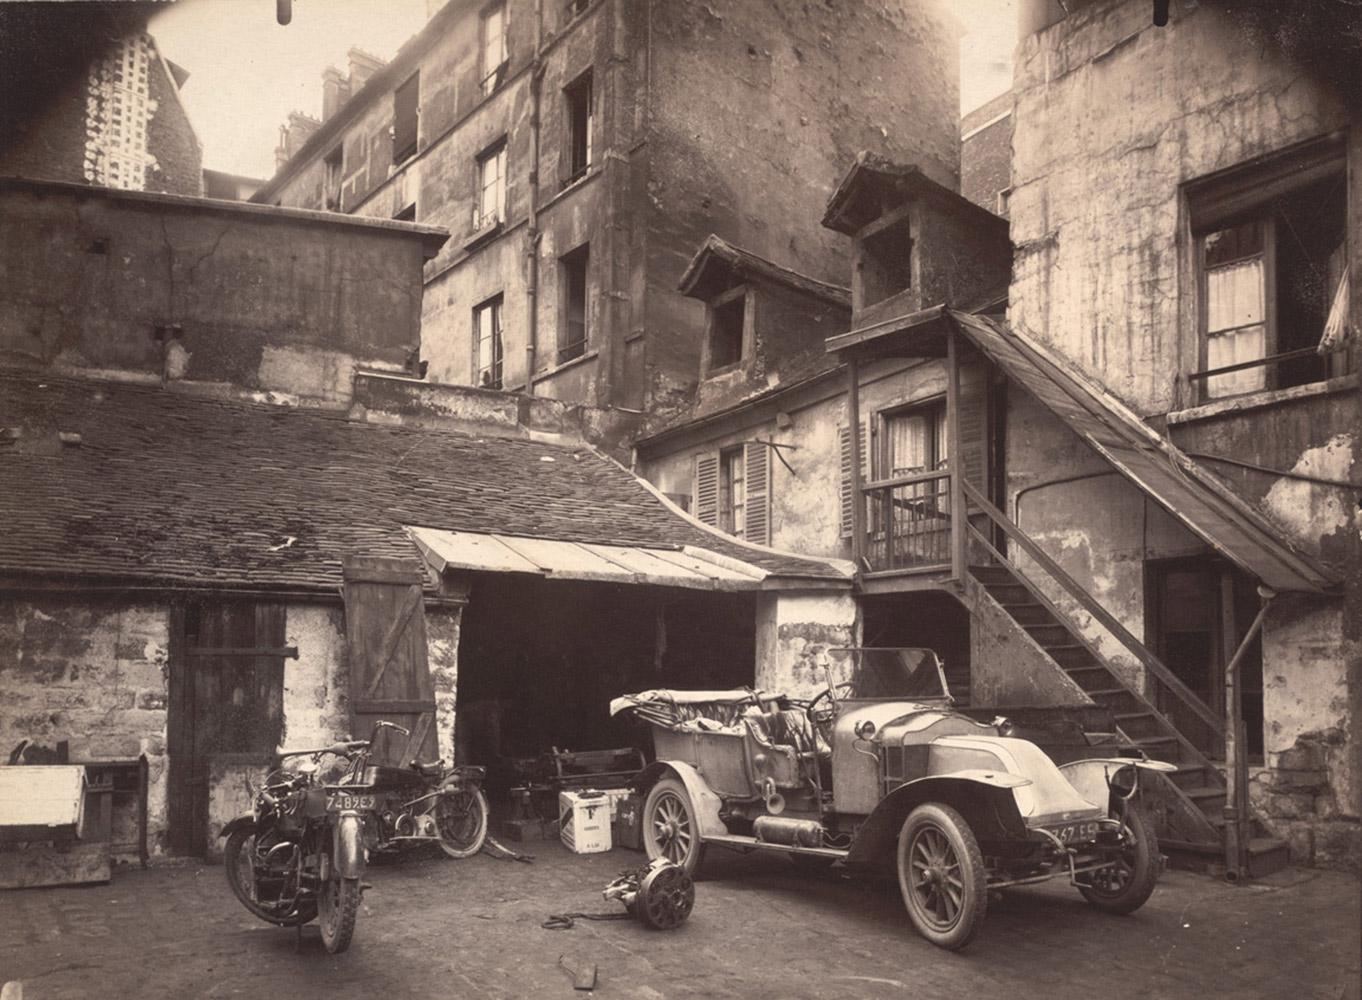 Court at 7 rue de Valence, 1922